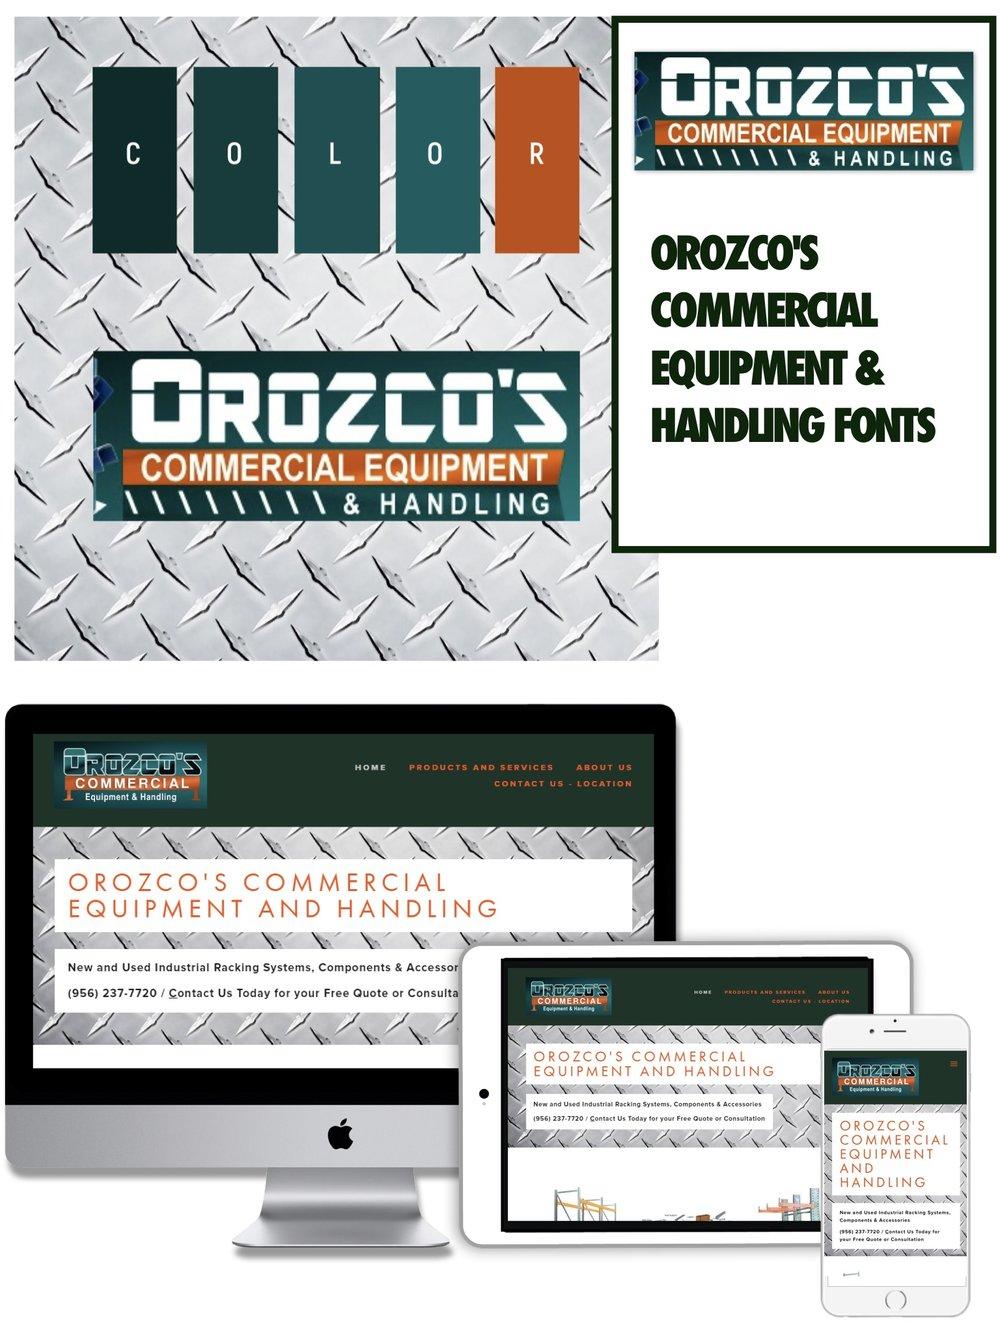 OROZCOSRACKS.COM